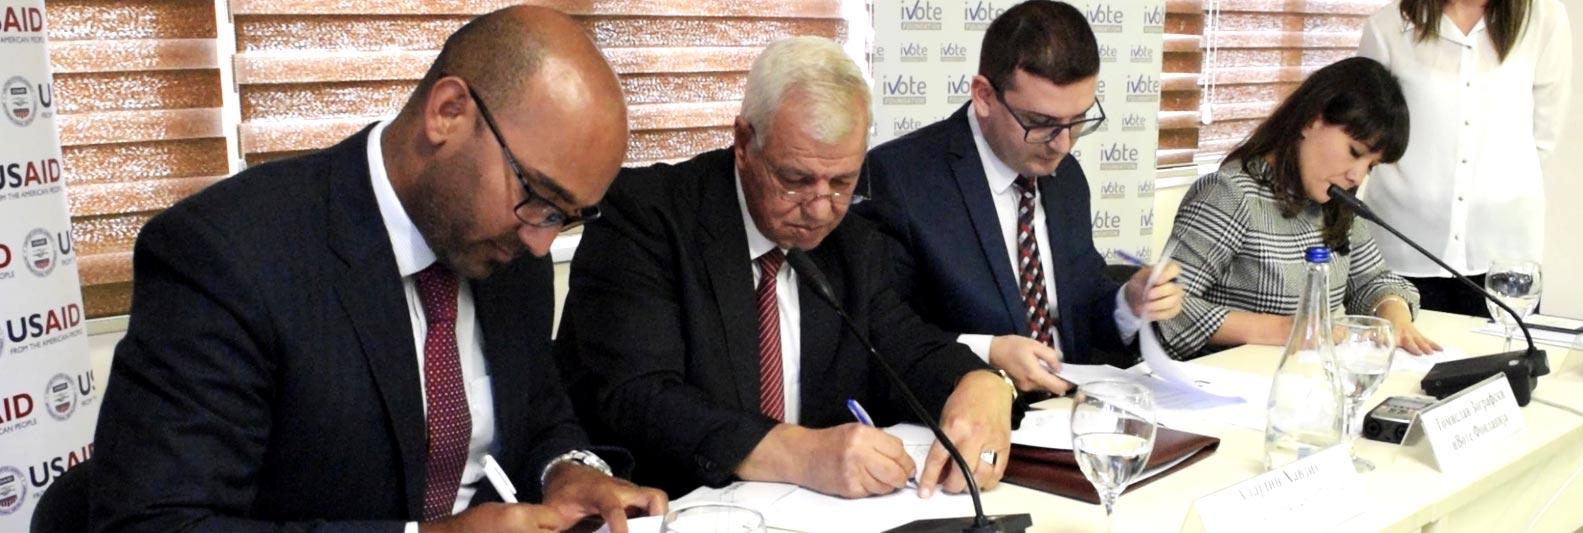 Промотивен настан за потпишување на Меморандум за соработка